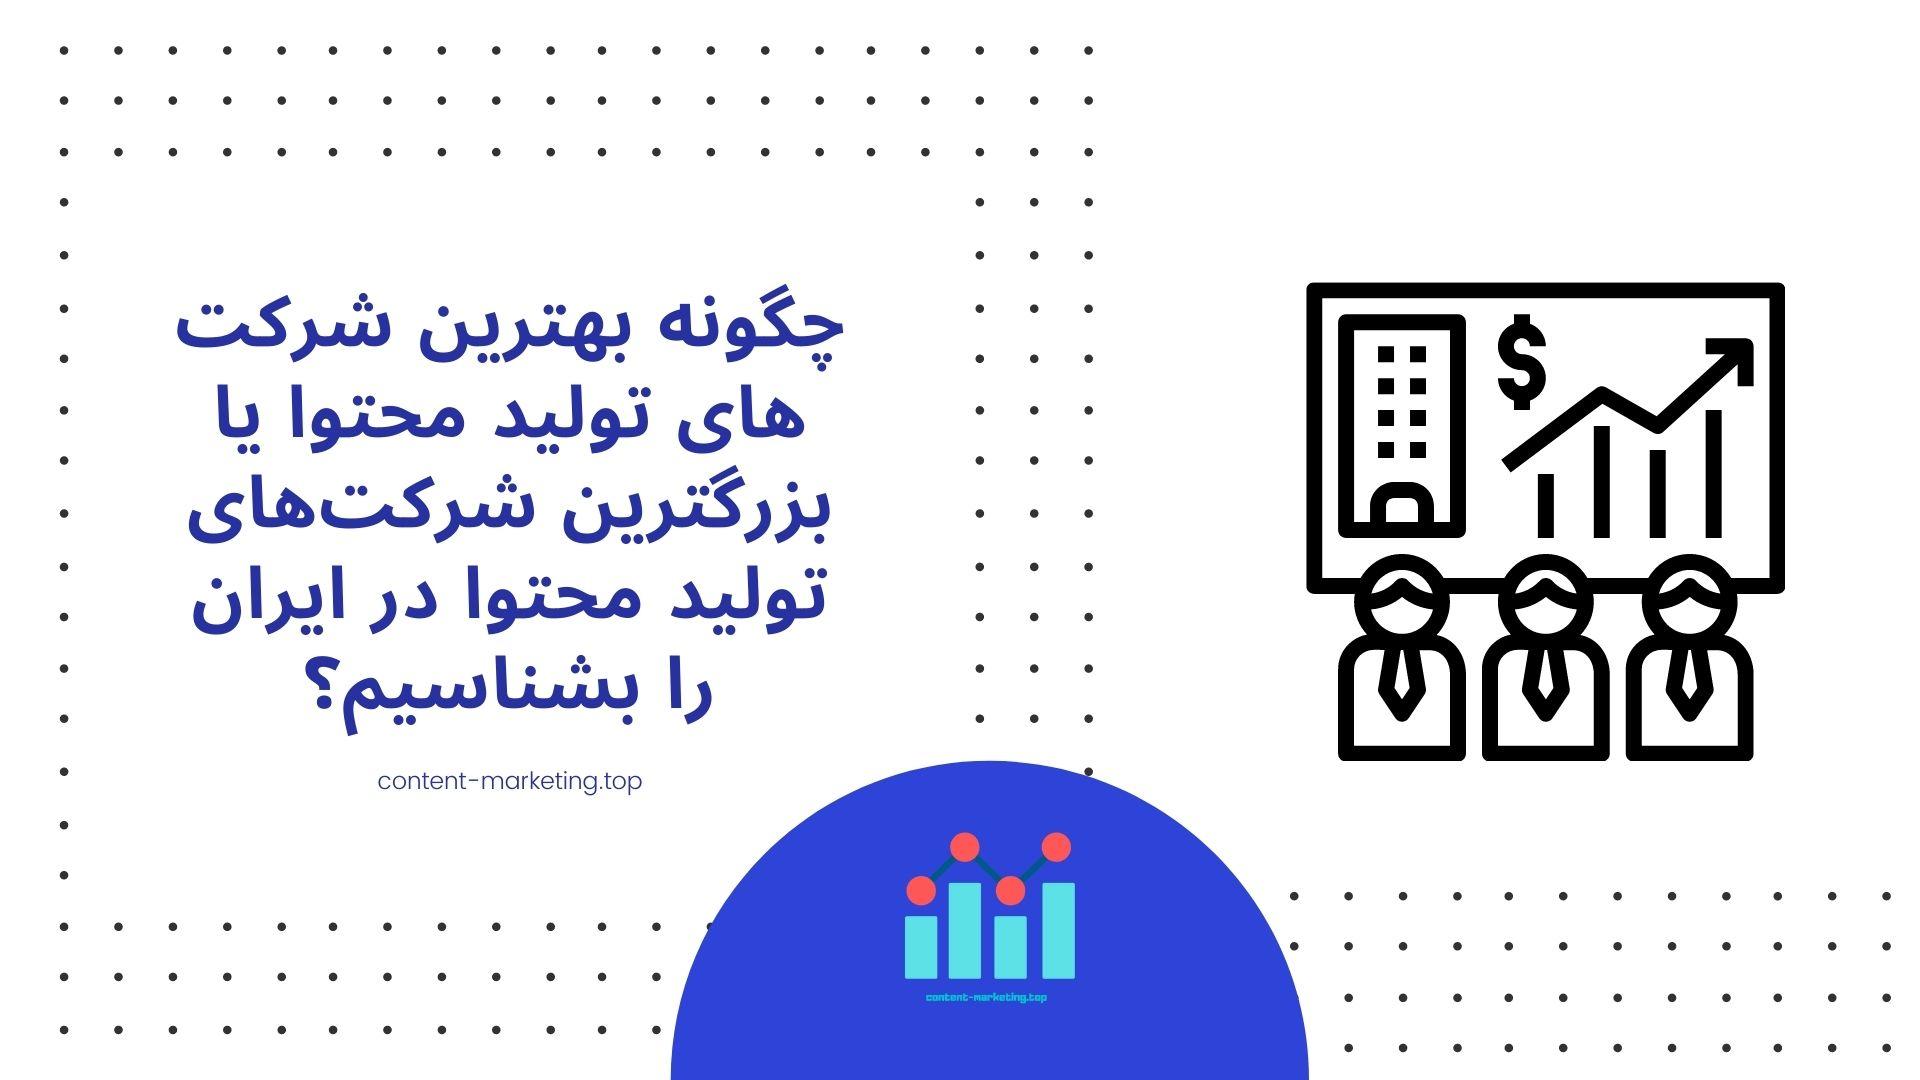 چگونه بهترین شرکت های تولید محتوا یا بزرگترین شرکتهای تولید محتوا در ایران را بشناسیم؟